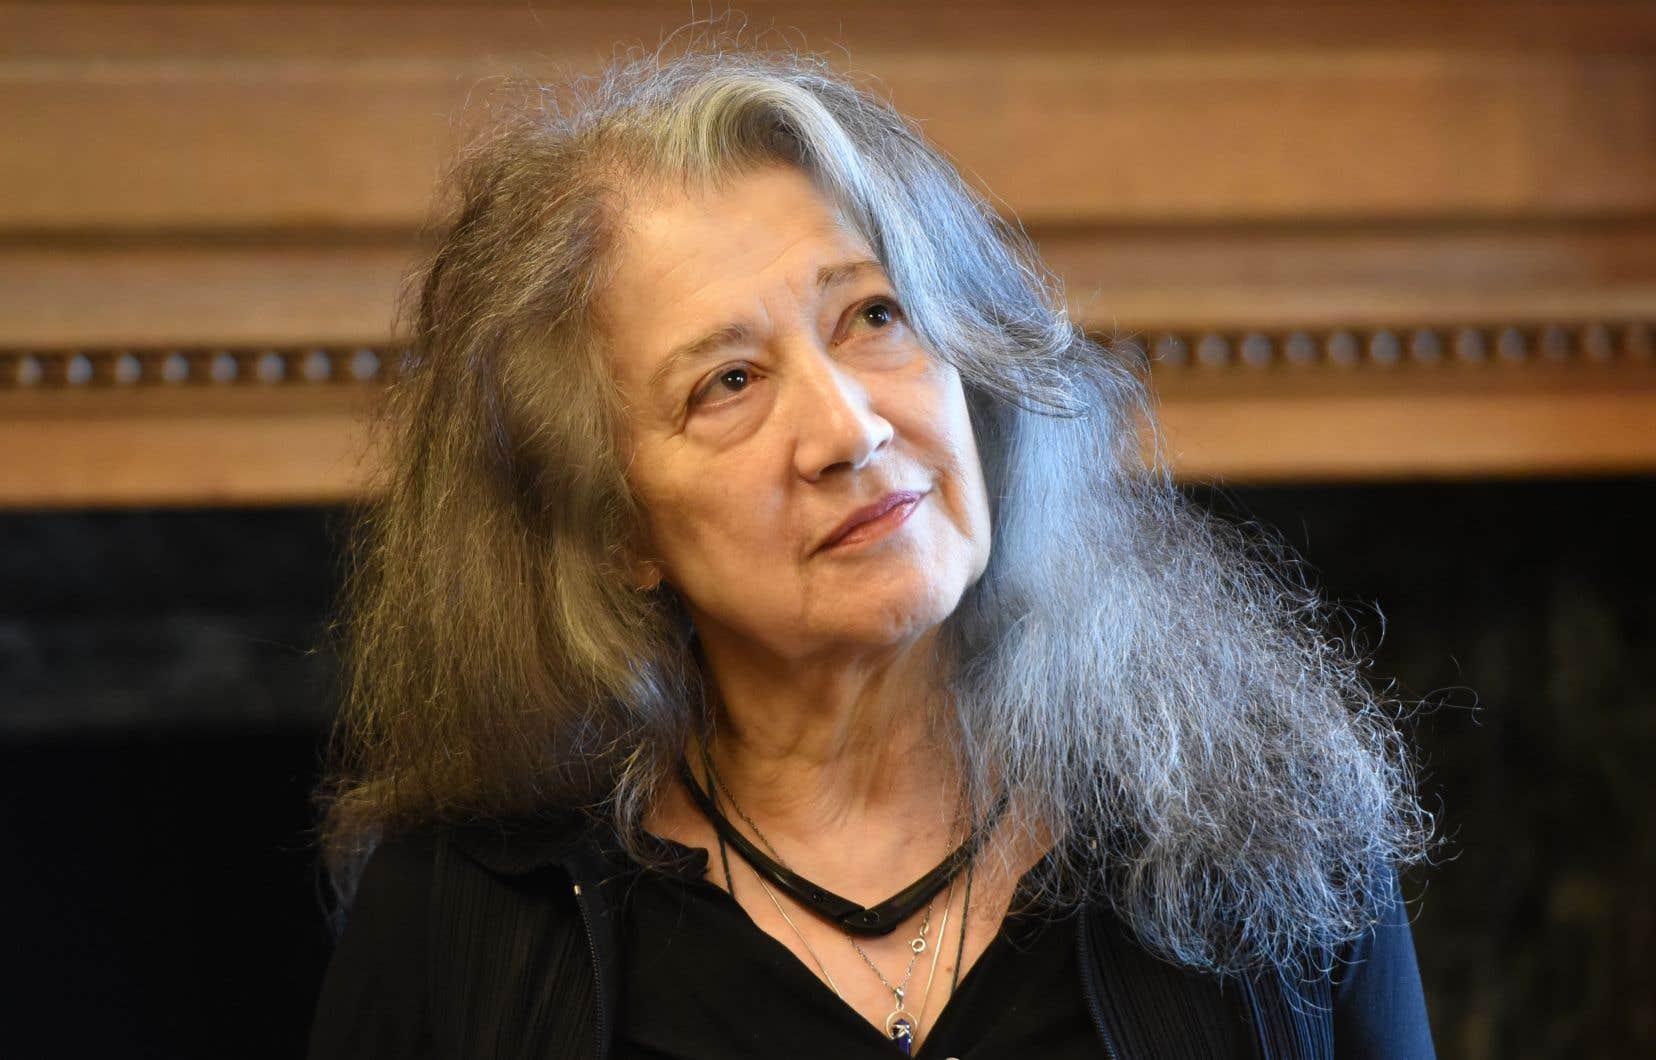 À 77ans, l'Argentine Martha Argerich garde le même charisme, la même fougue et cette capacité de nous surprendre à chaque recoin de phrase.